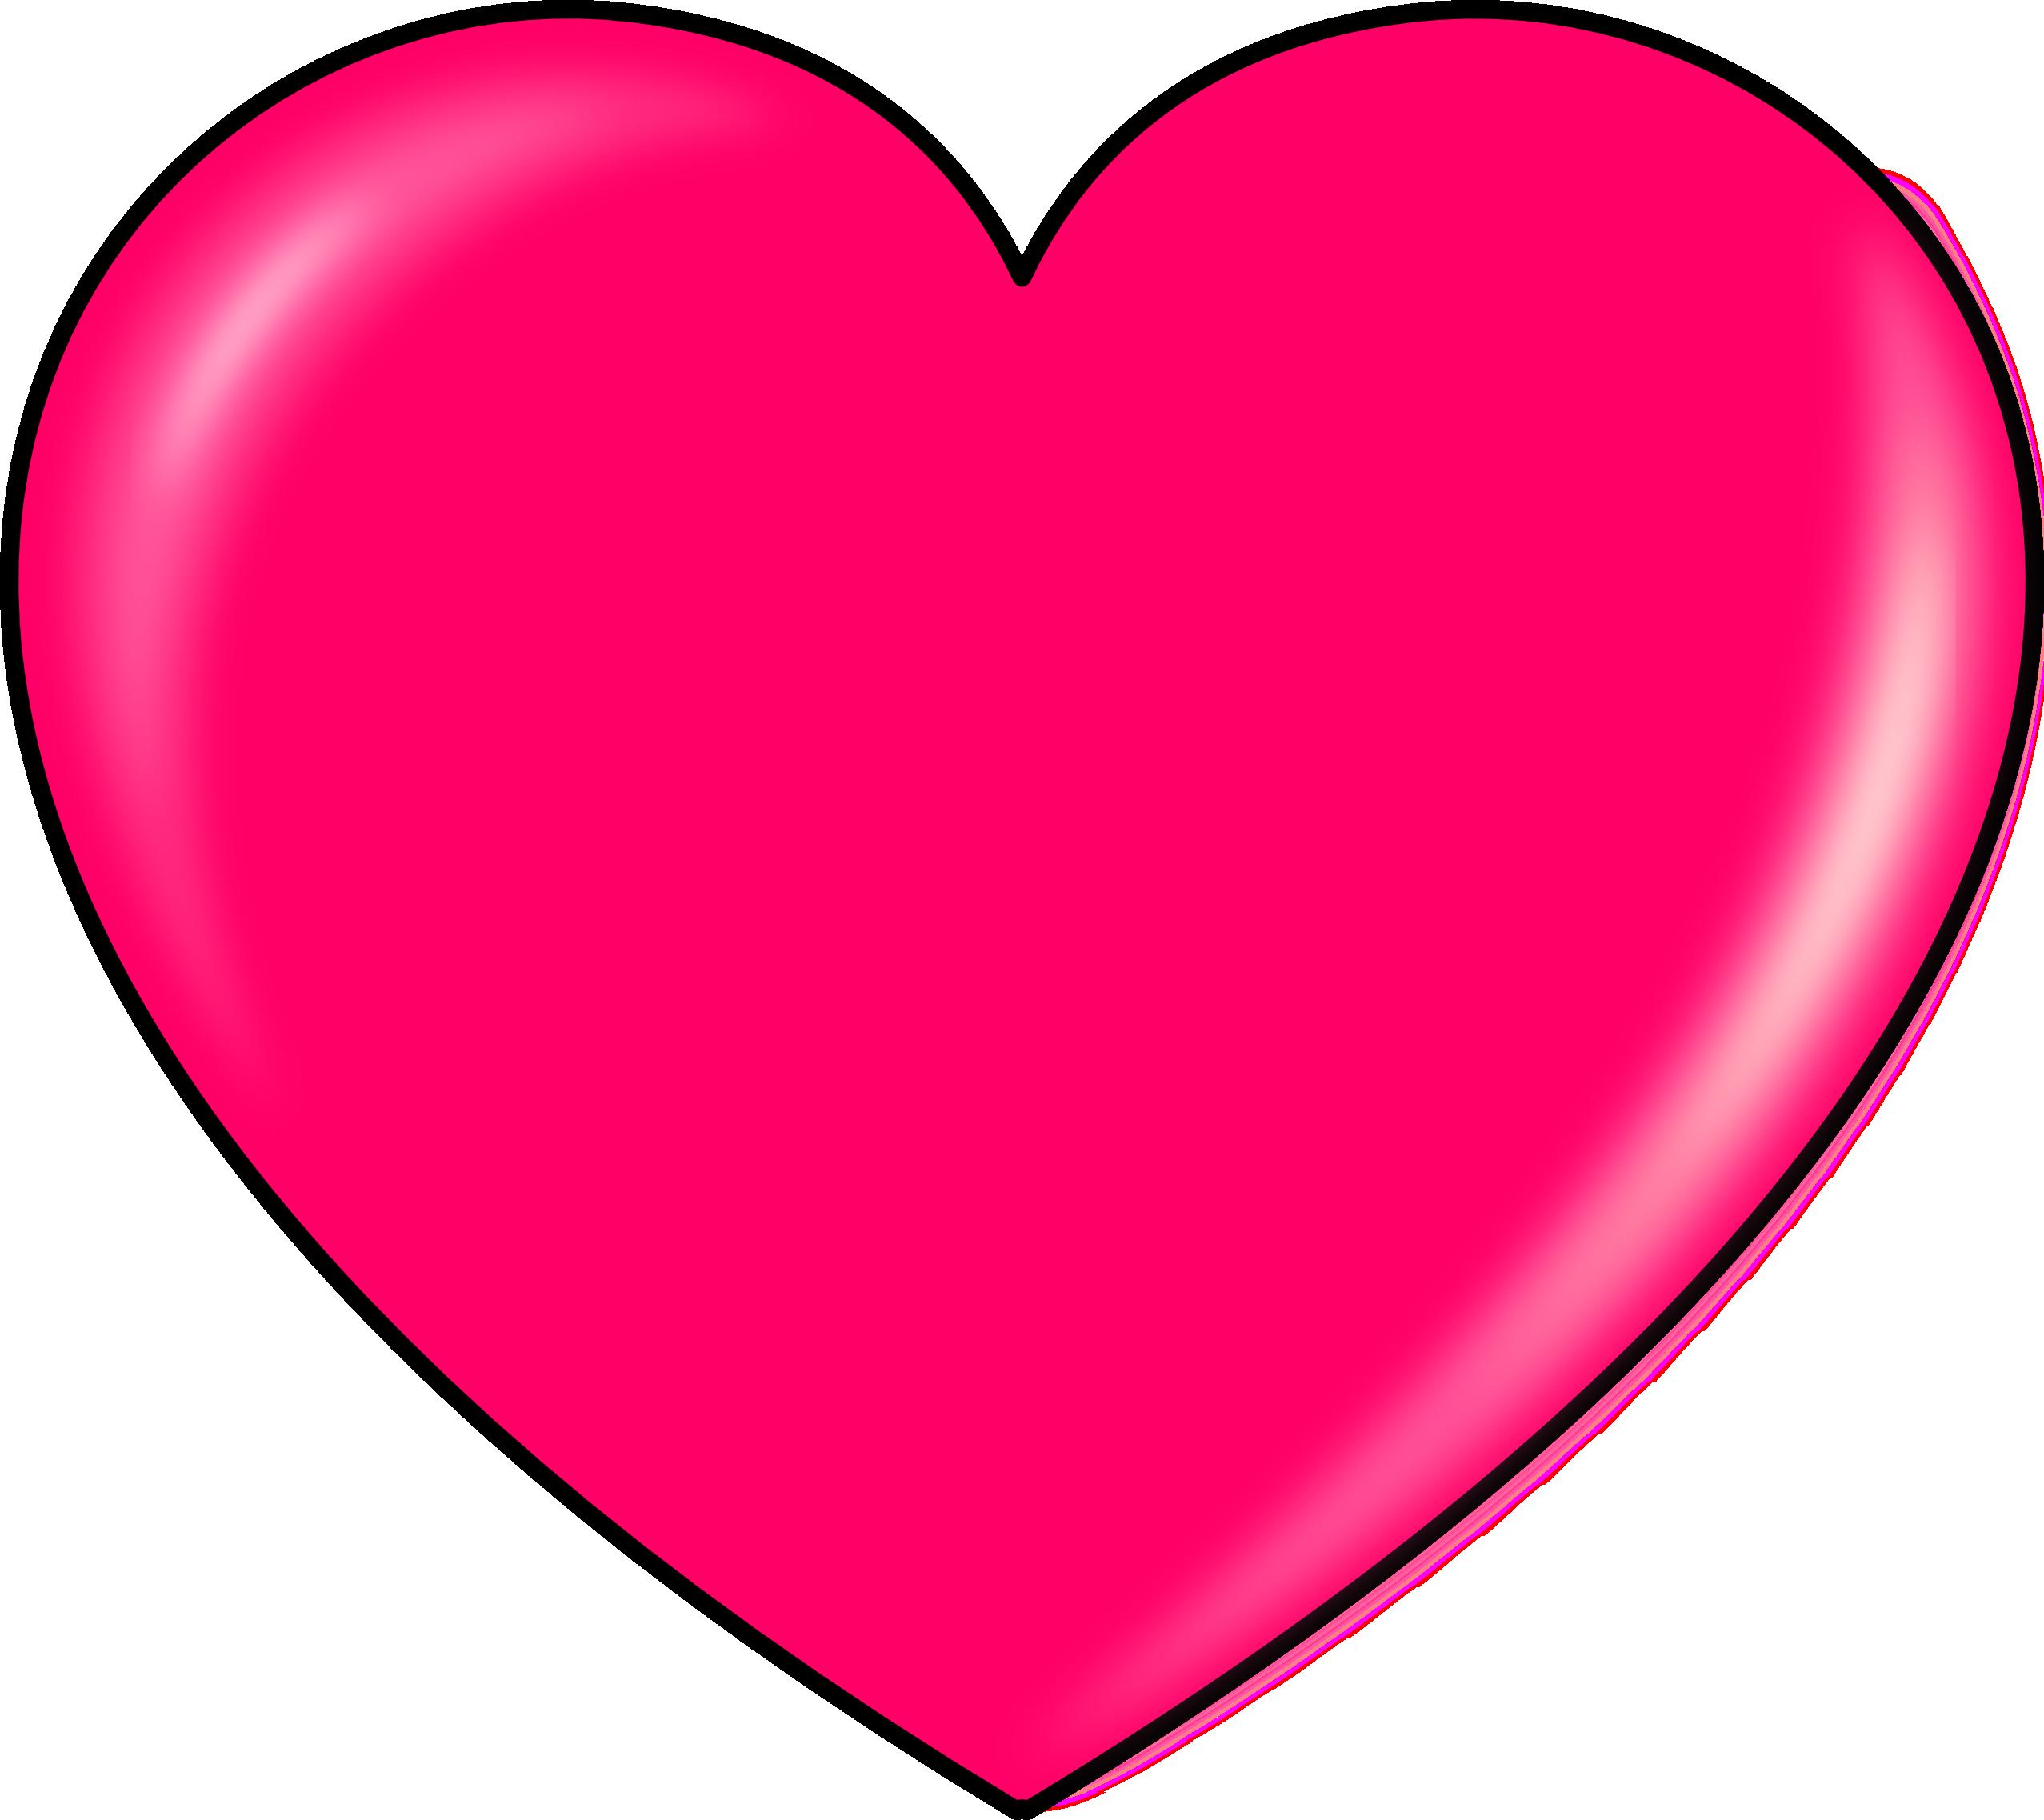 картинка большого сердца список хештегов цветы